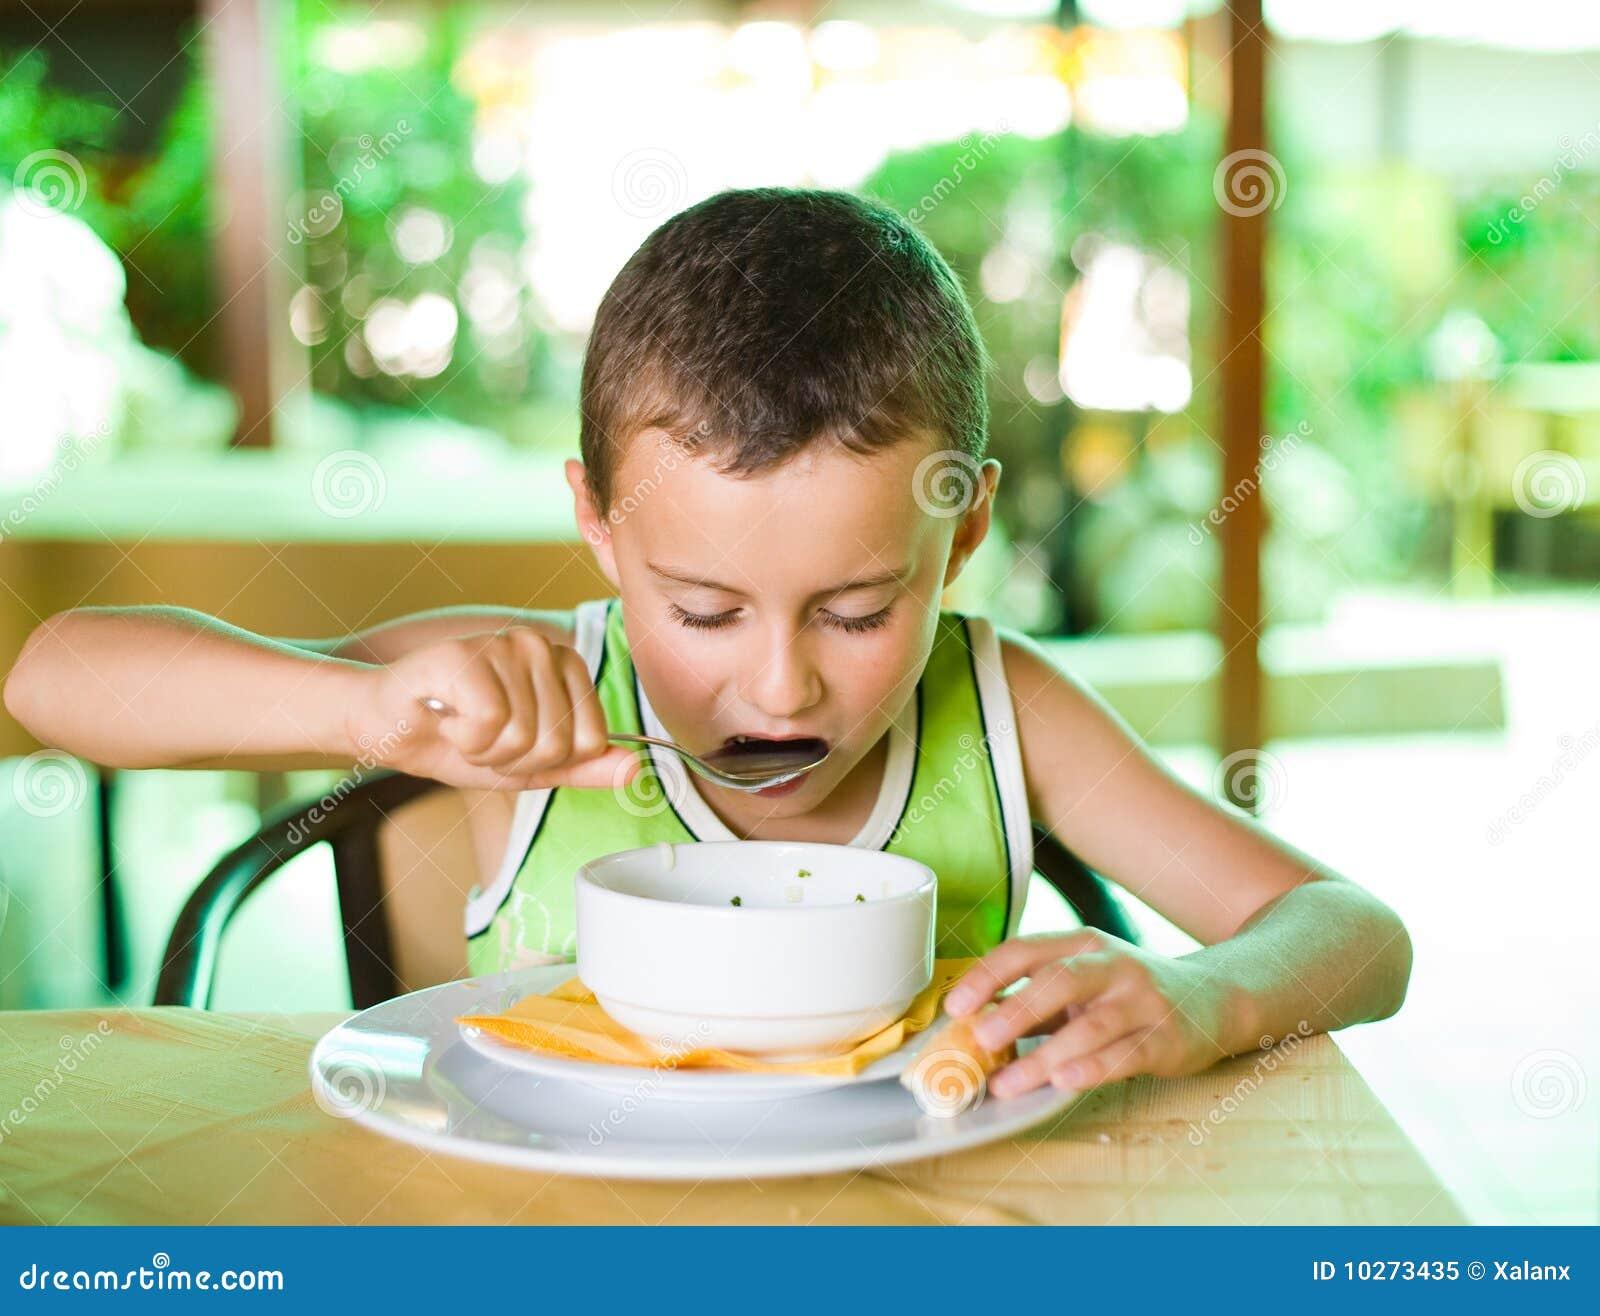 Почему человек чавкает когда ест